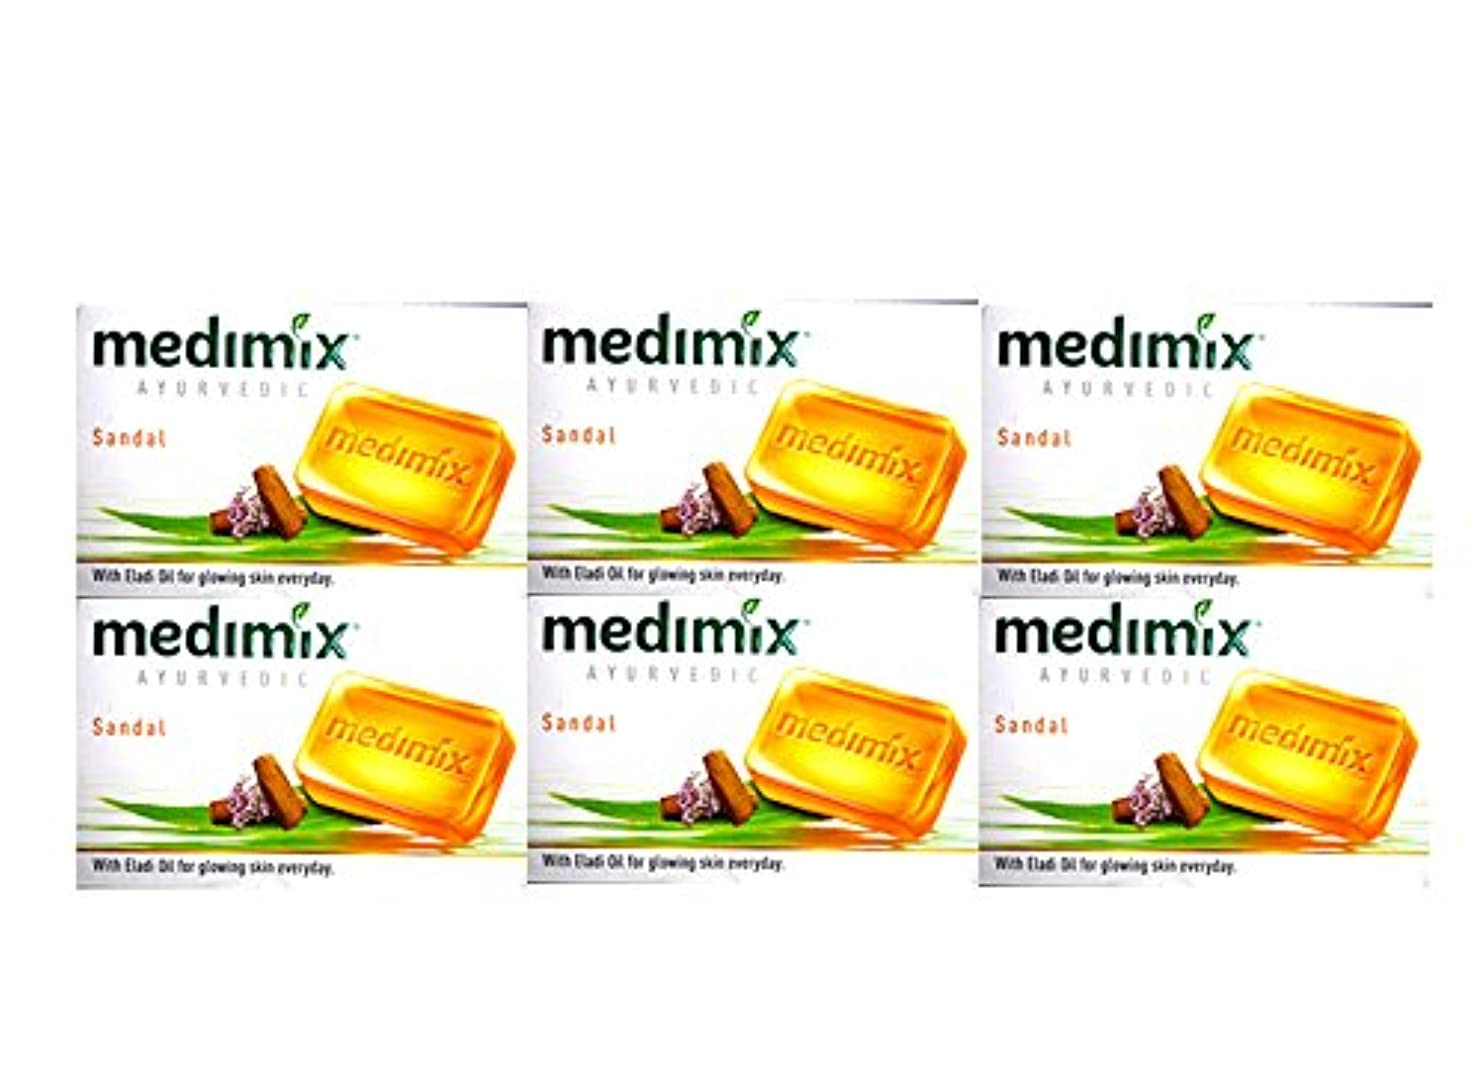 ホラー木材マニアックMEDIMIX メディミックス アーユルヴェディックサンダル 6個セット(medimix AYURVEDEC sandal Soap) 125g